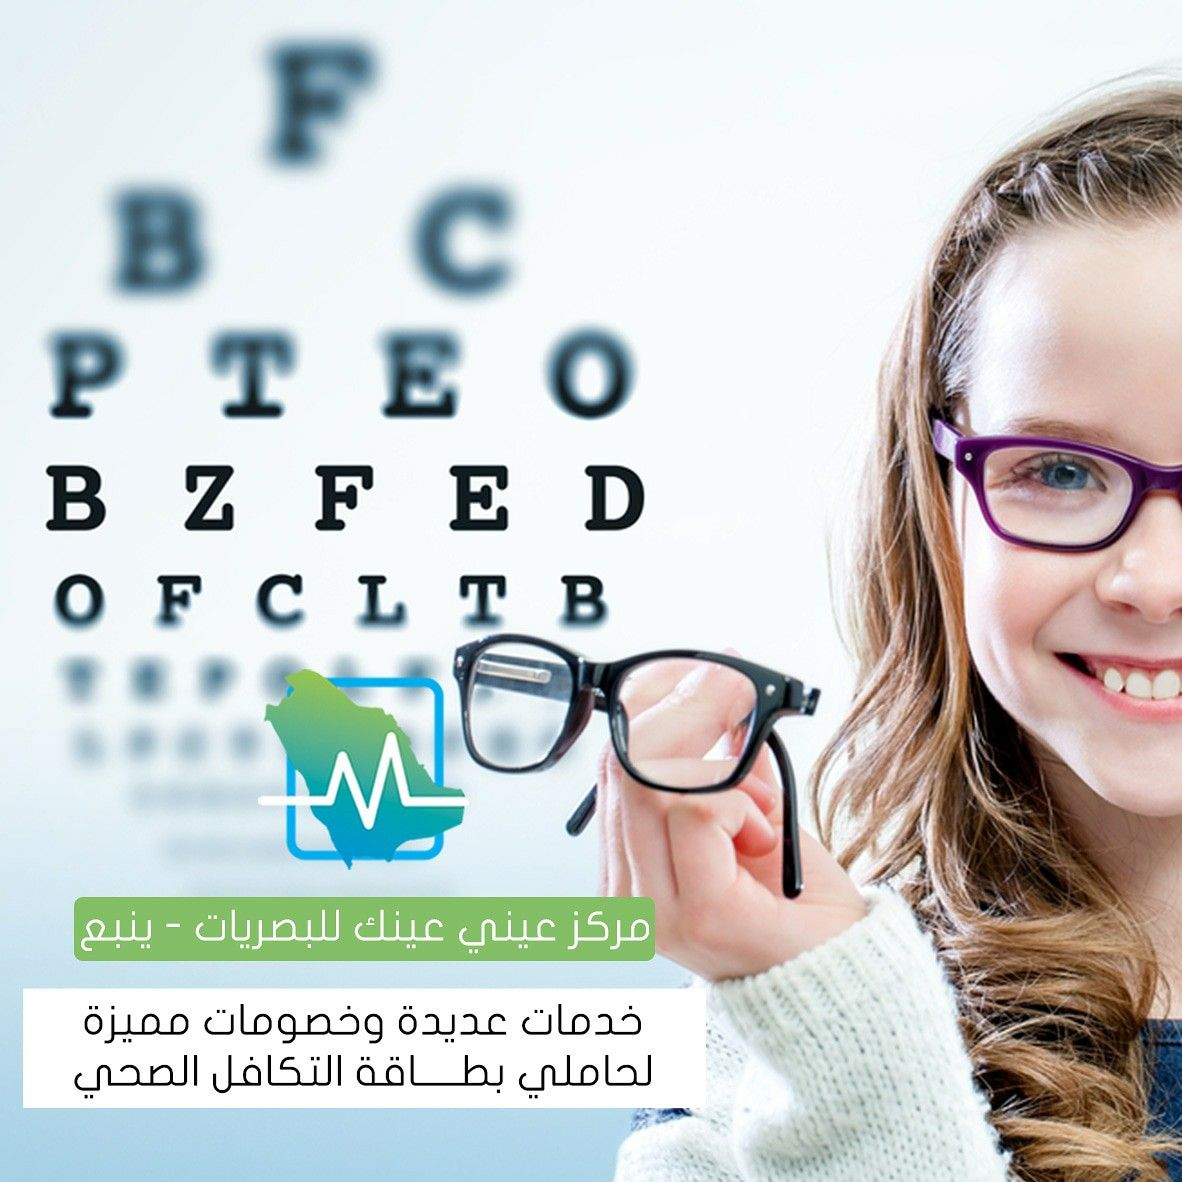 تميز الآن بخصومات على بطاقة التكافل الصحي في مركز عيني عينك للبصريات ينبع كشف النظر مجانا النظارات الشمسية50 النظارات Health Insurance Health Square Glass